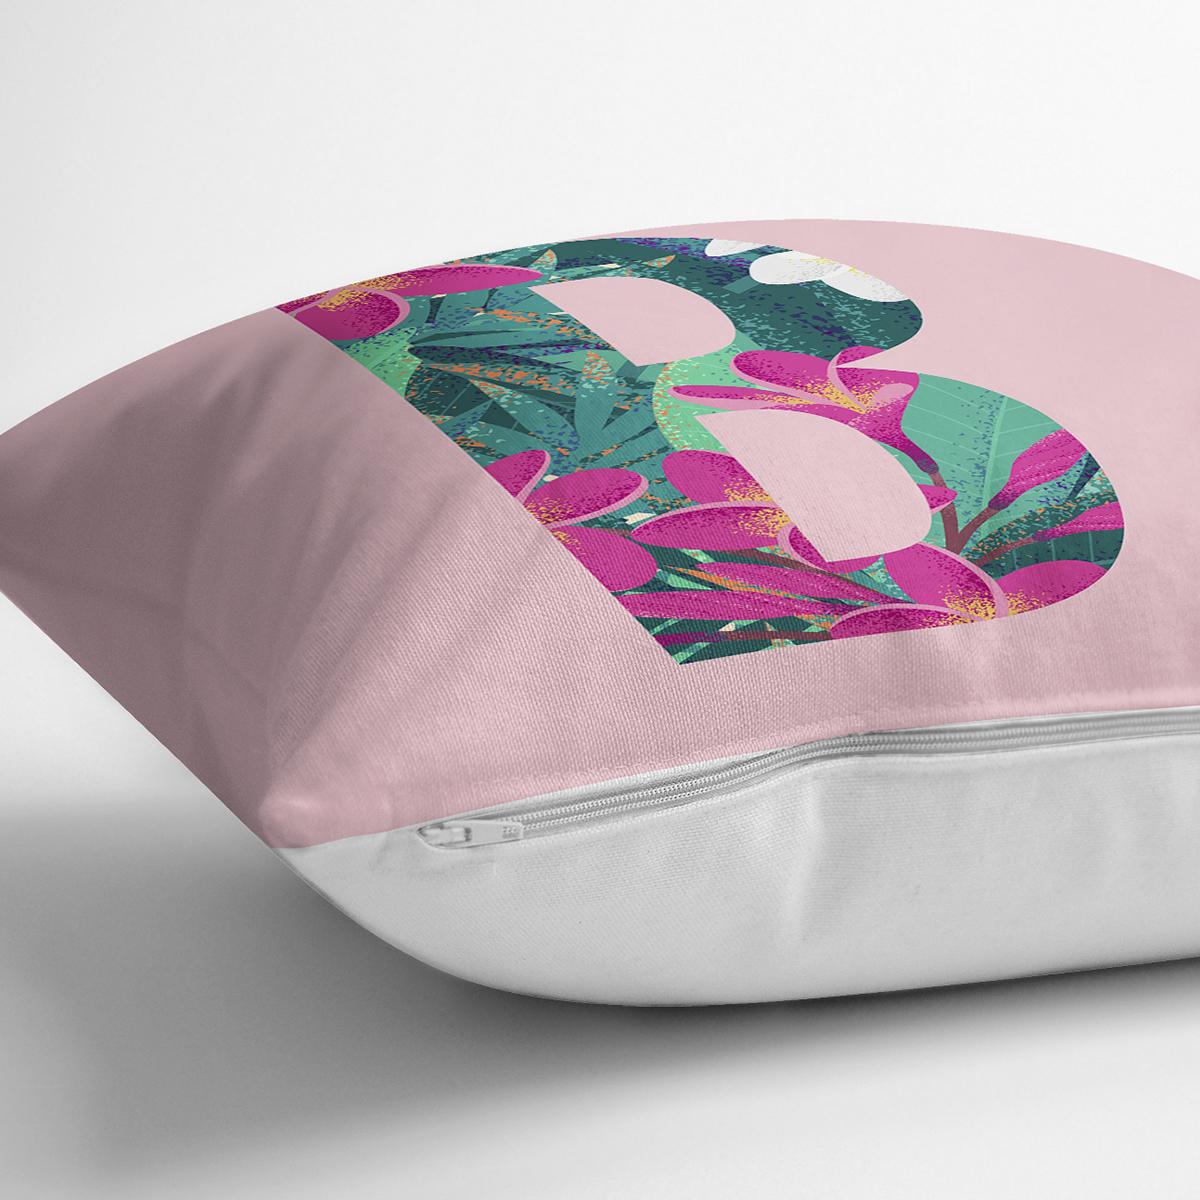 Pembe Zemin Tropik Yapraklı B Harfi Özel Tasarım Dijital Baskılı Yastık Kırlent Kılıfı Realhomes